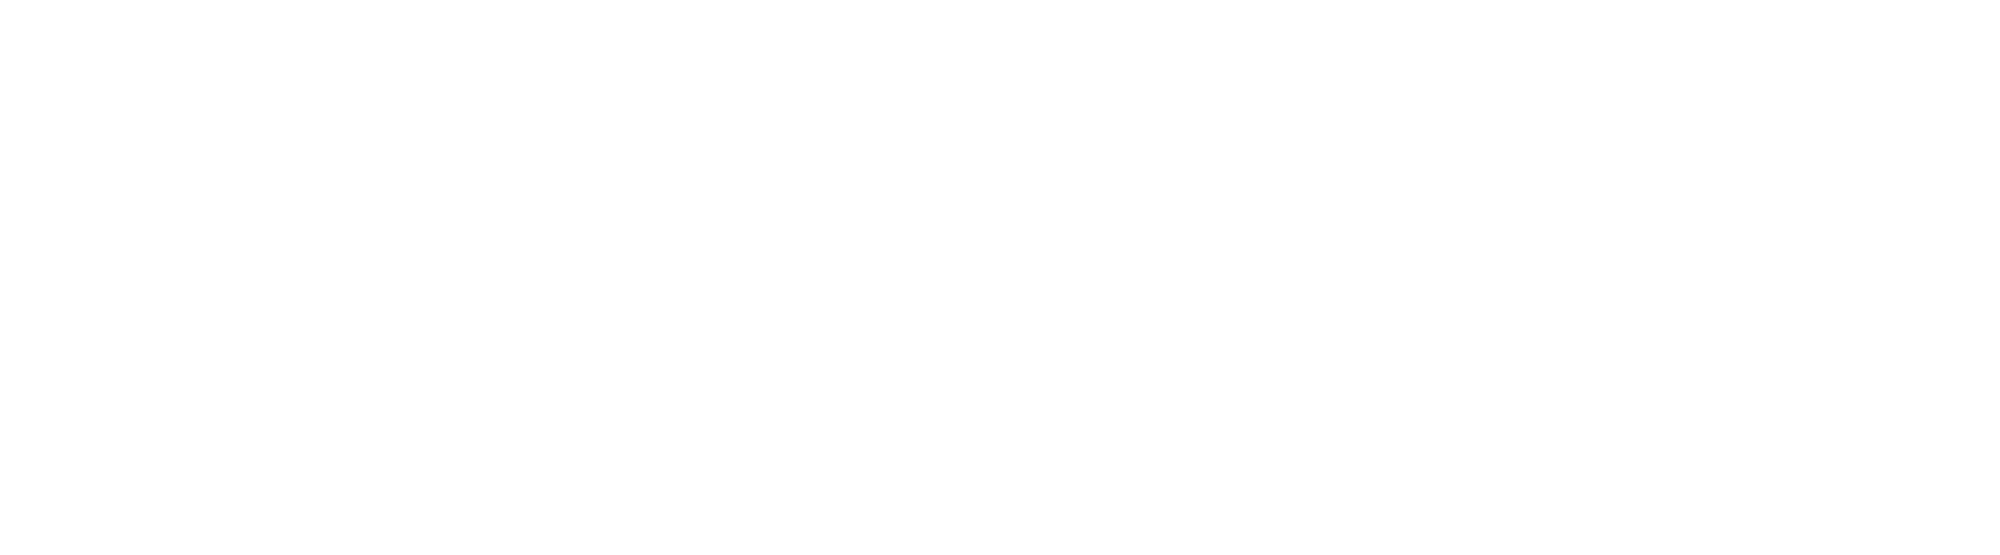 Fearless LA